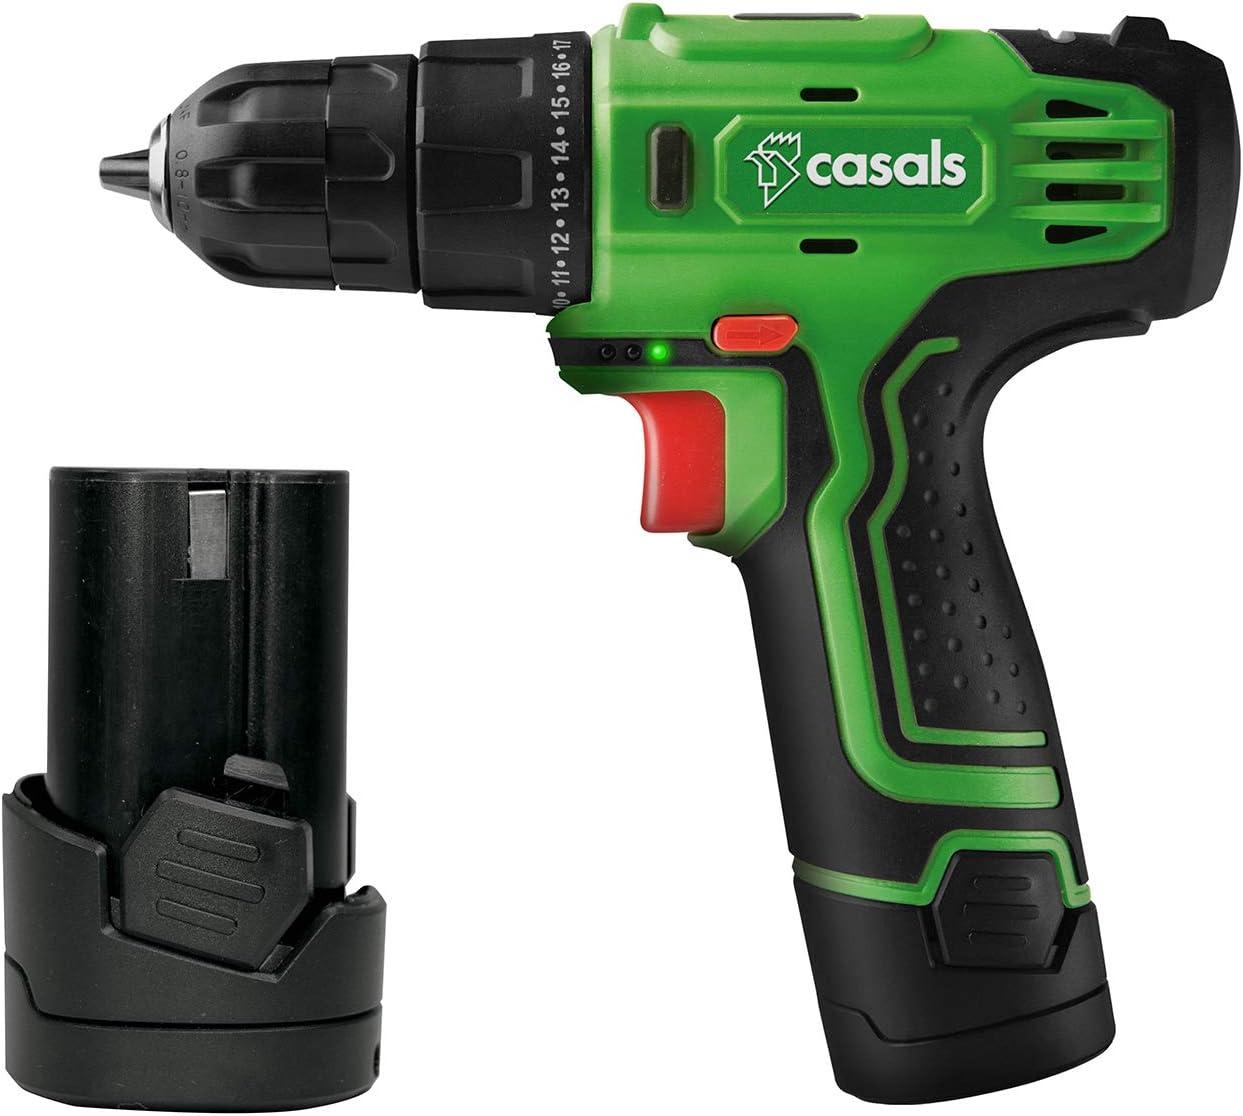 Casals VDLI12-2 - Taladro atornillador con batería de litio de 12 V (1,3 A-h, 750 rpm, 17 N-m, con batería adicional) color verde y negro